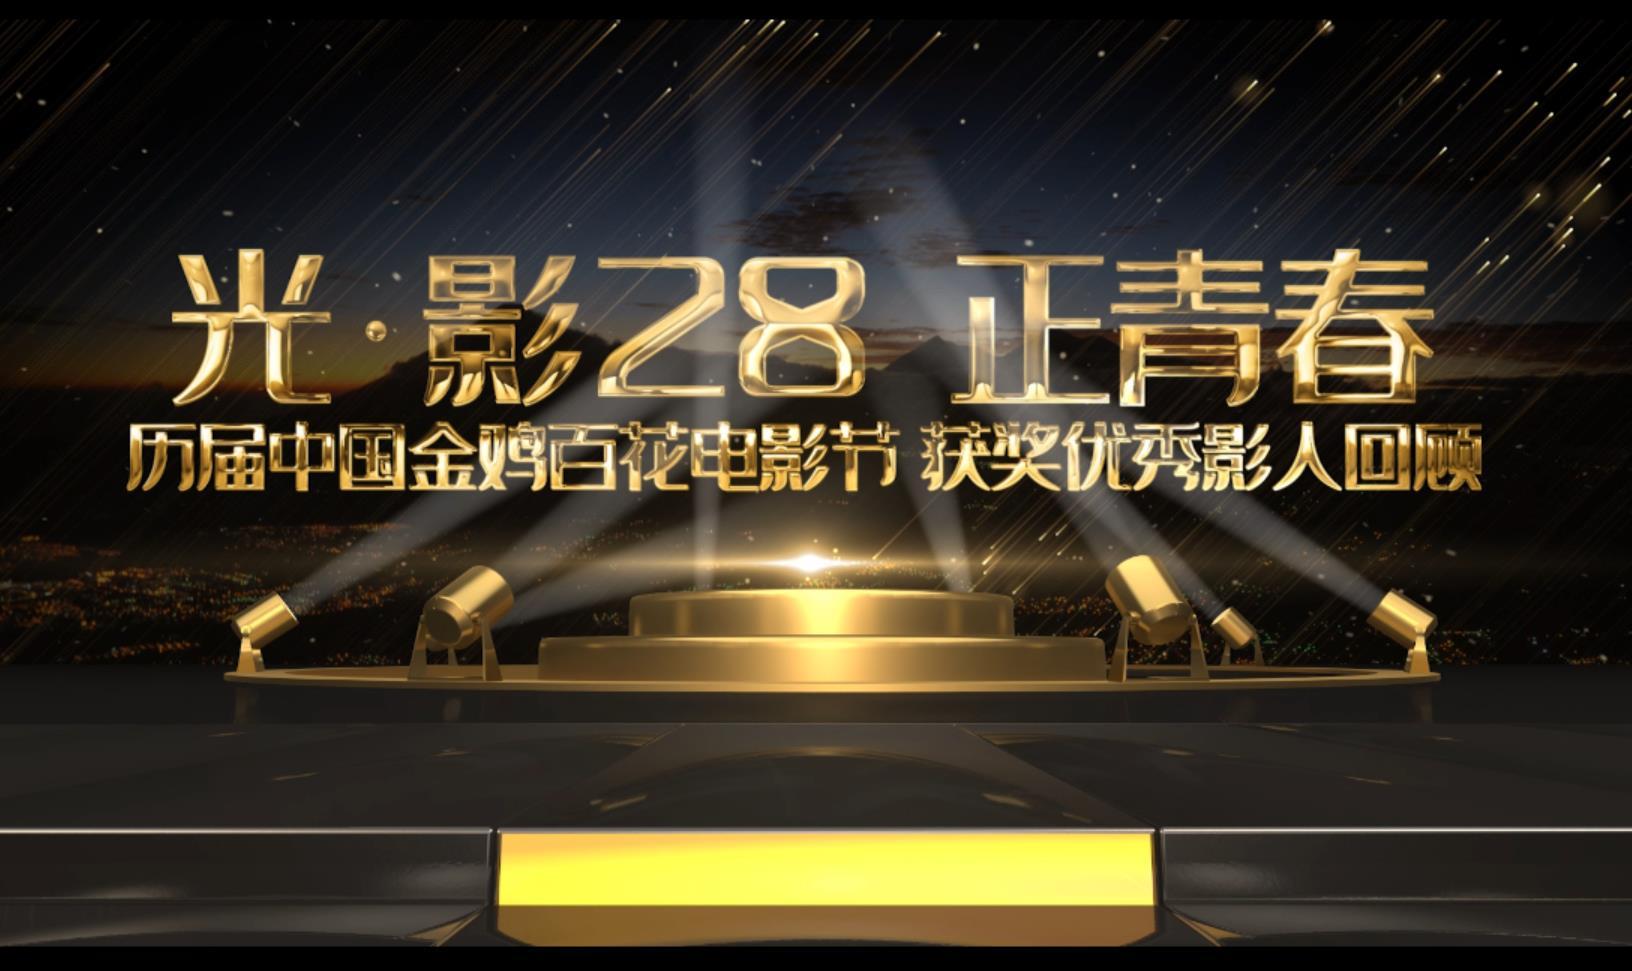 历届金鸡百花电影节获奖优秀影人回顾 第五期 00:01:00